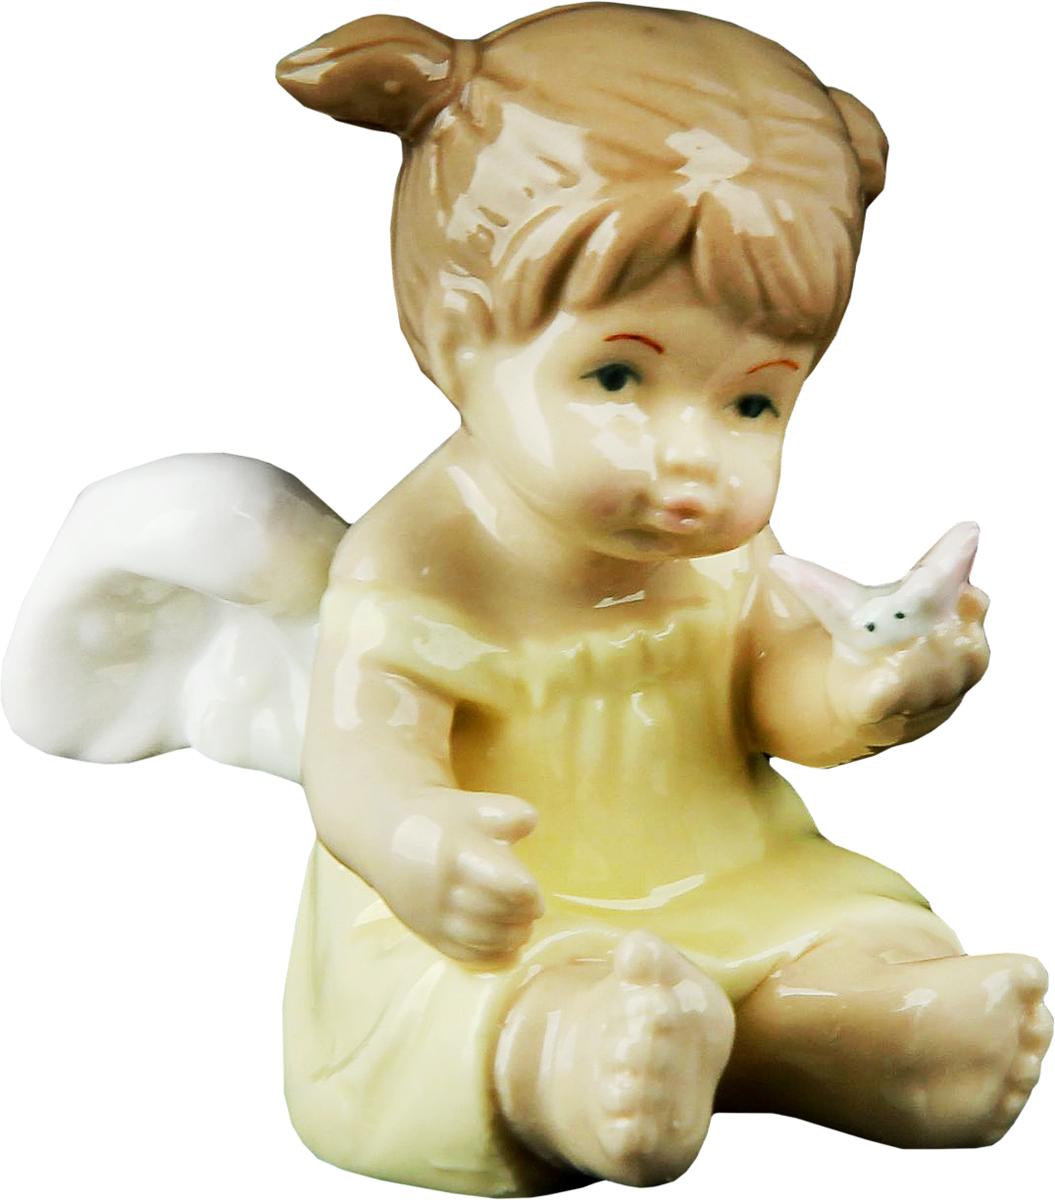 Сувенир пасхальный Sima-land Ангелочек Машенька в желтом платьице, 5 х 7 х 7 см865511Ангел в переводе с древнегреческого языка означает вестник, посланец, пусть этот сувенир Ангелочек Машенька в жёлтом платьице будет вашим личным посланником, который защитит вас и близких от невзгод. Преподнесите эту изящную статуэтку на Пасху в корзинке с разноцветными яйцами, на Рождество вместе с конфетками, в День ангела со сладким тортом или в любой другой день, ведь для такого подарка со смыслом не обязательно нужен повод.